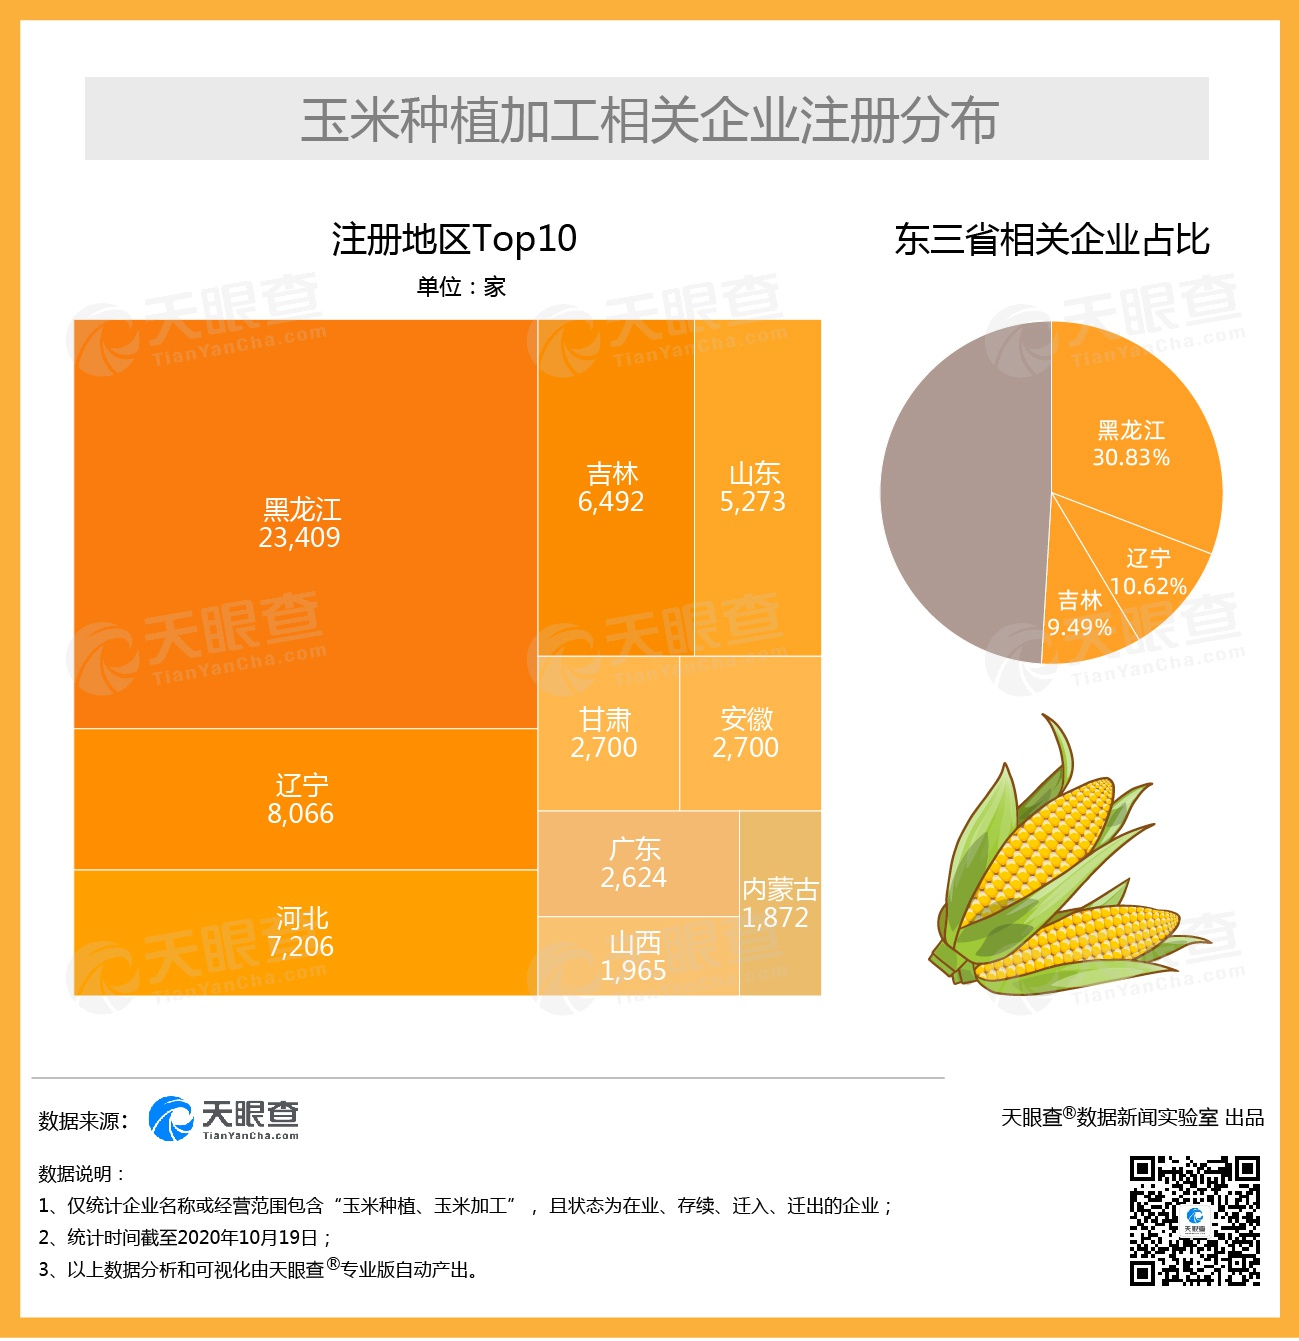 玉米价格每吨涨千元 我国过半的玉米种植加工相关企业注册于东三省